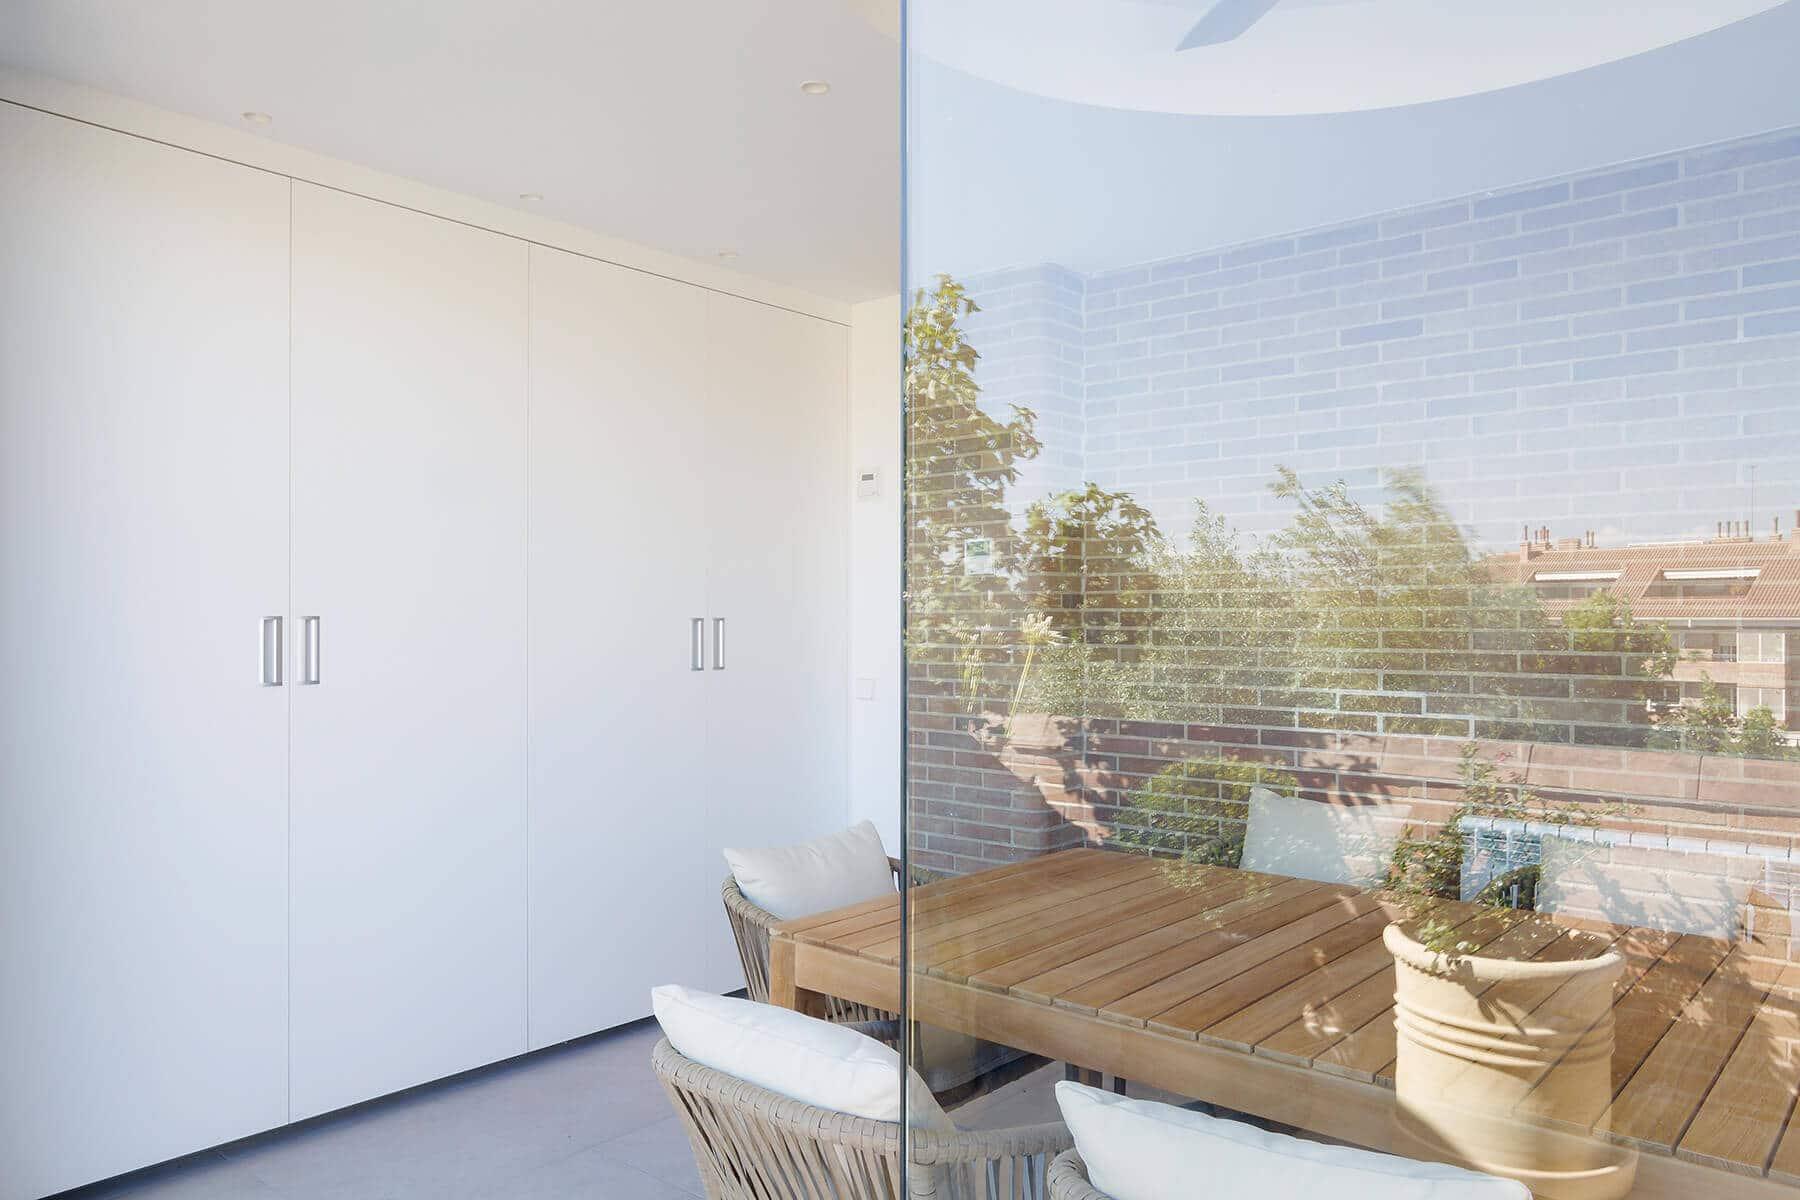 Cocinas lineales con un solo frente con puertas escamoteables